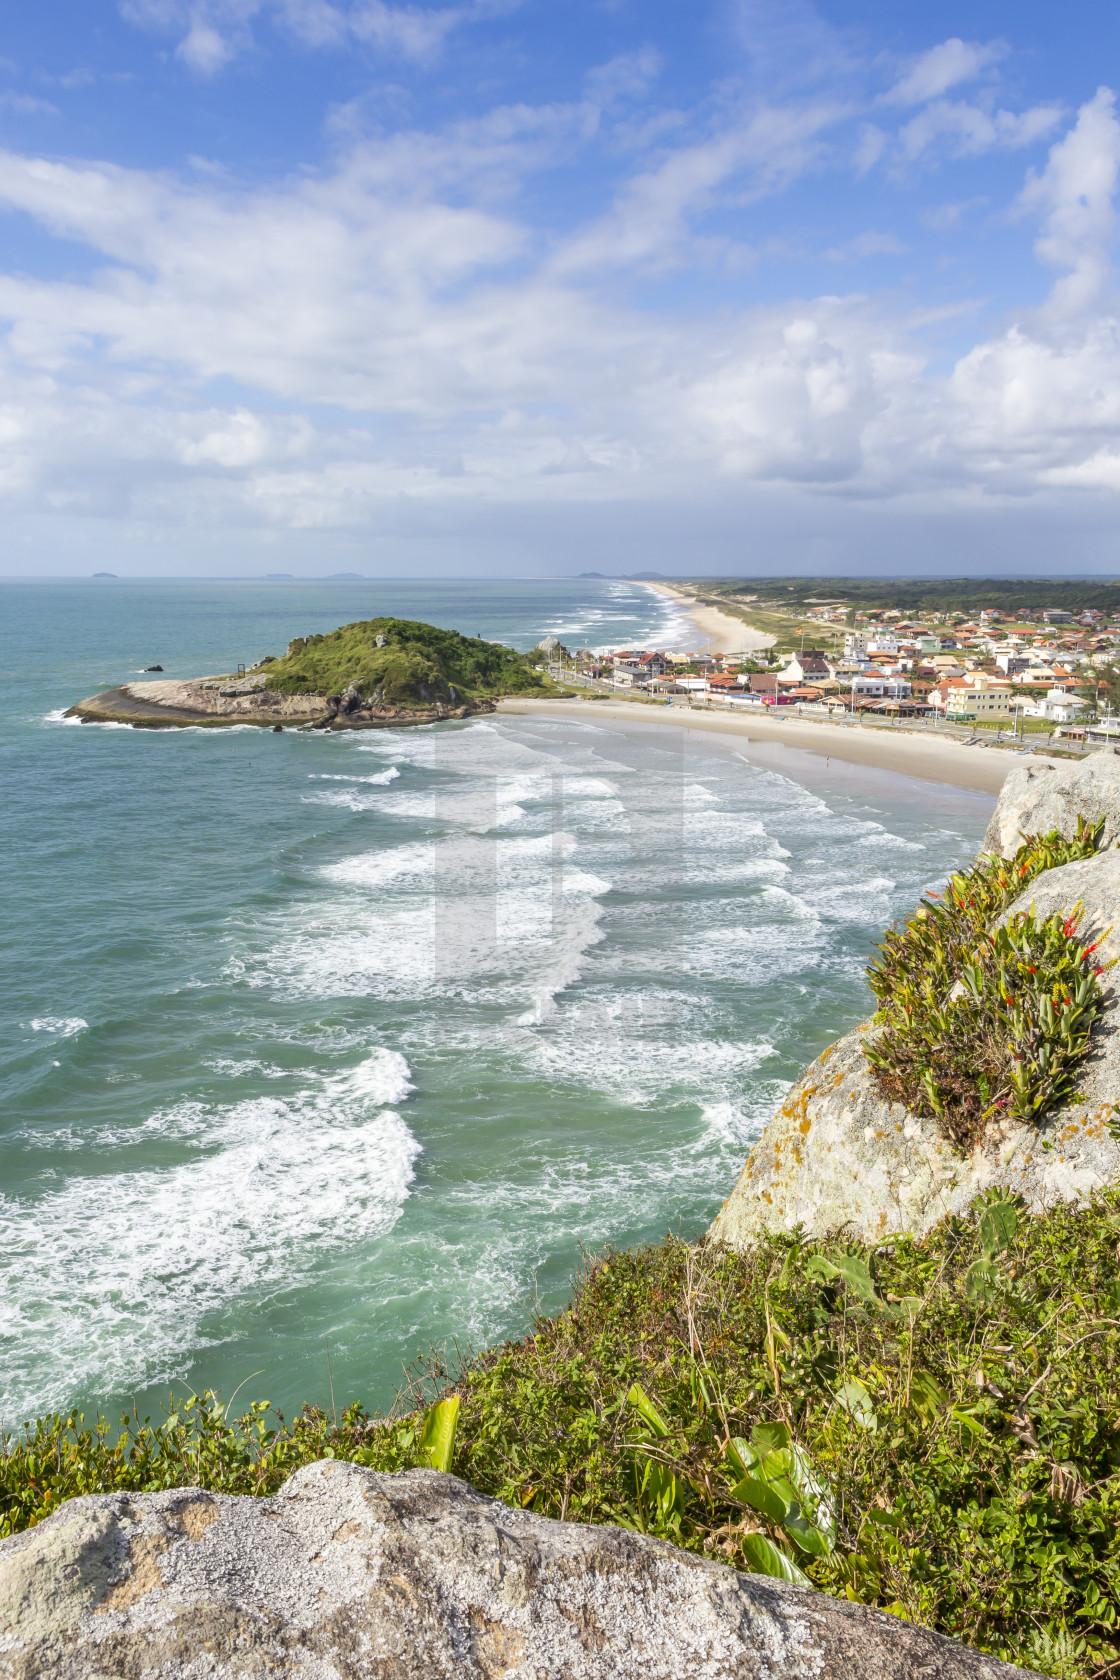 São Francisco do Sul Santa Catarina fonte: res.cloudinary.com